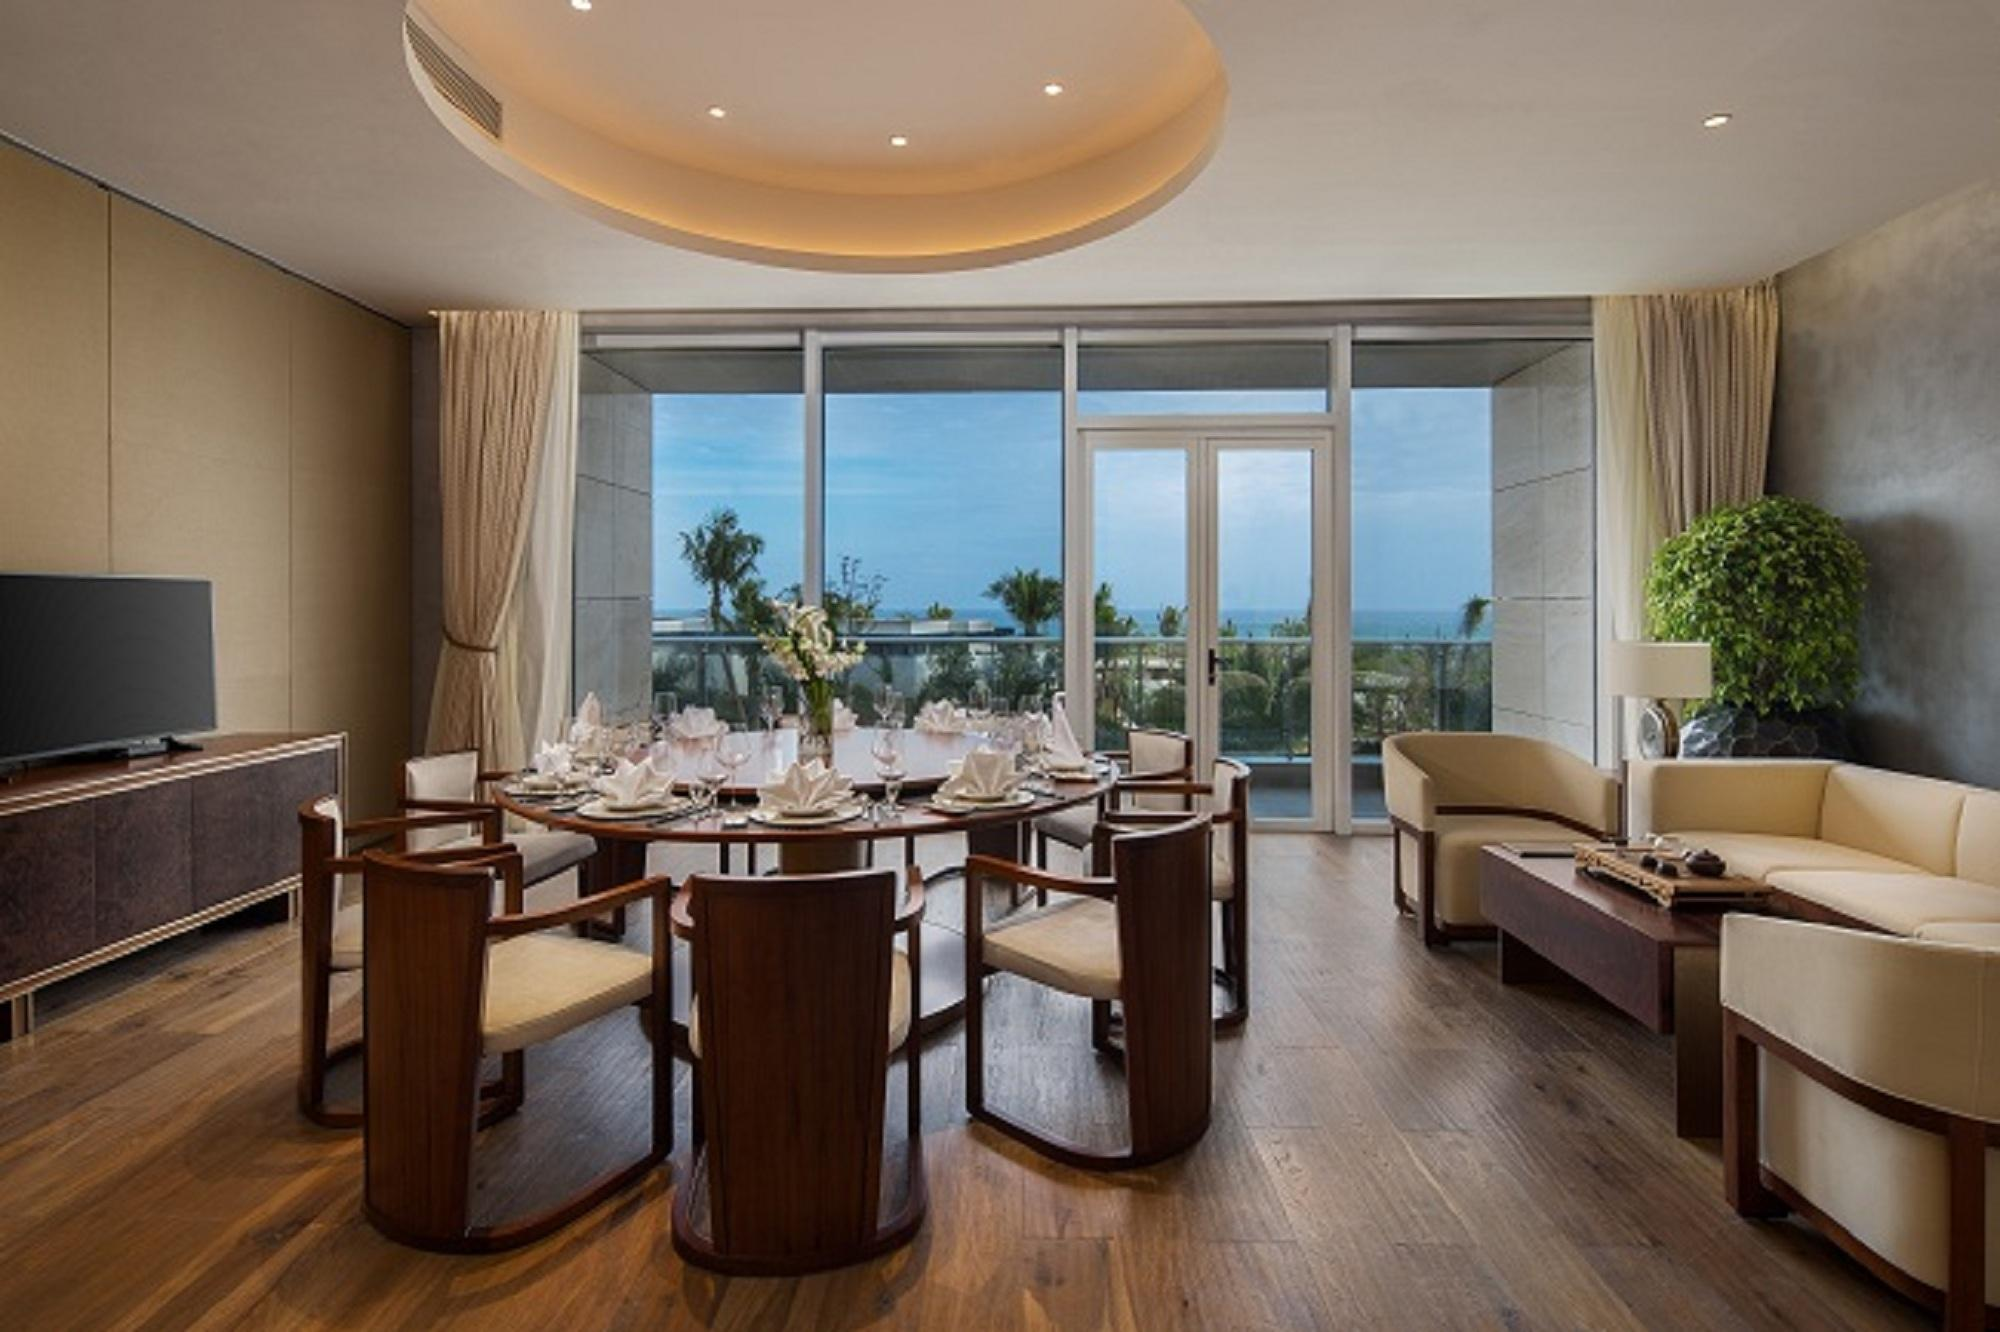 三亞三亞海棠灣紅樹林度假酒店 (THE MANGROVE SANYA)線上訂房 Agoda.com